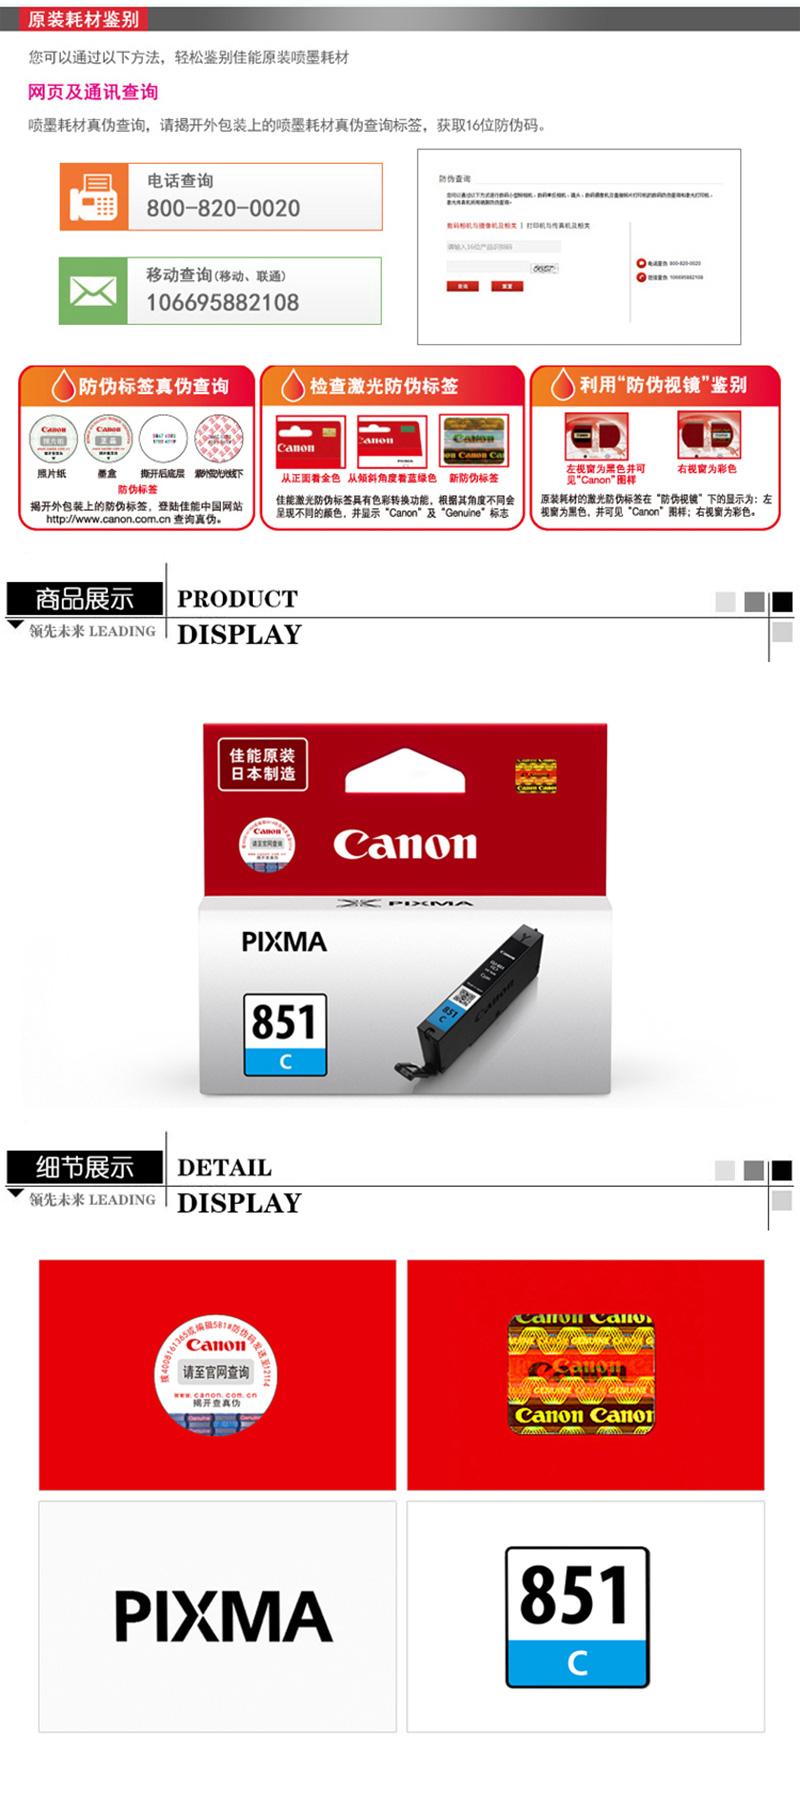 佳能 CLI-851C 原装墨盒青色 (适用于MX928、MG640、IP7280、IX6880)